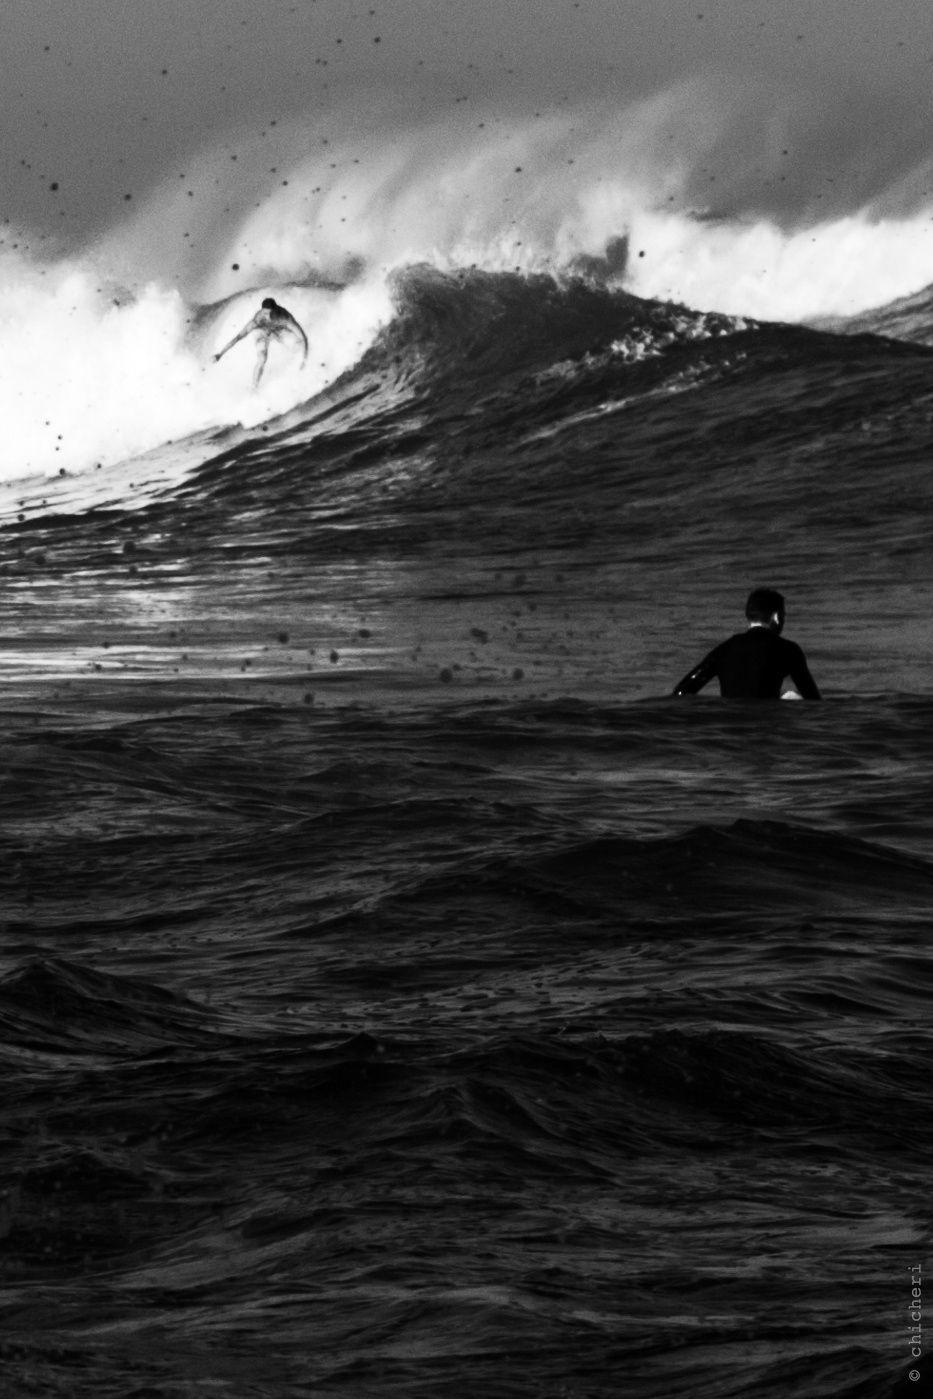 surf by raquel lopez-chicheri on 500px